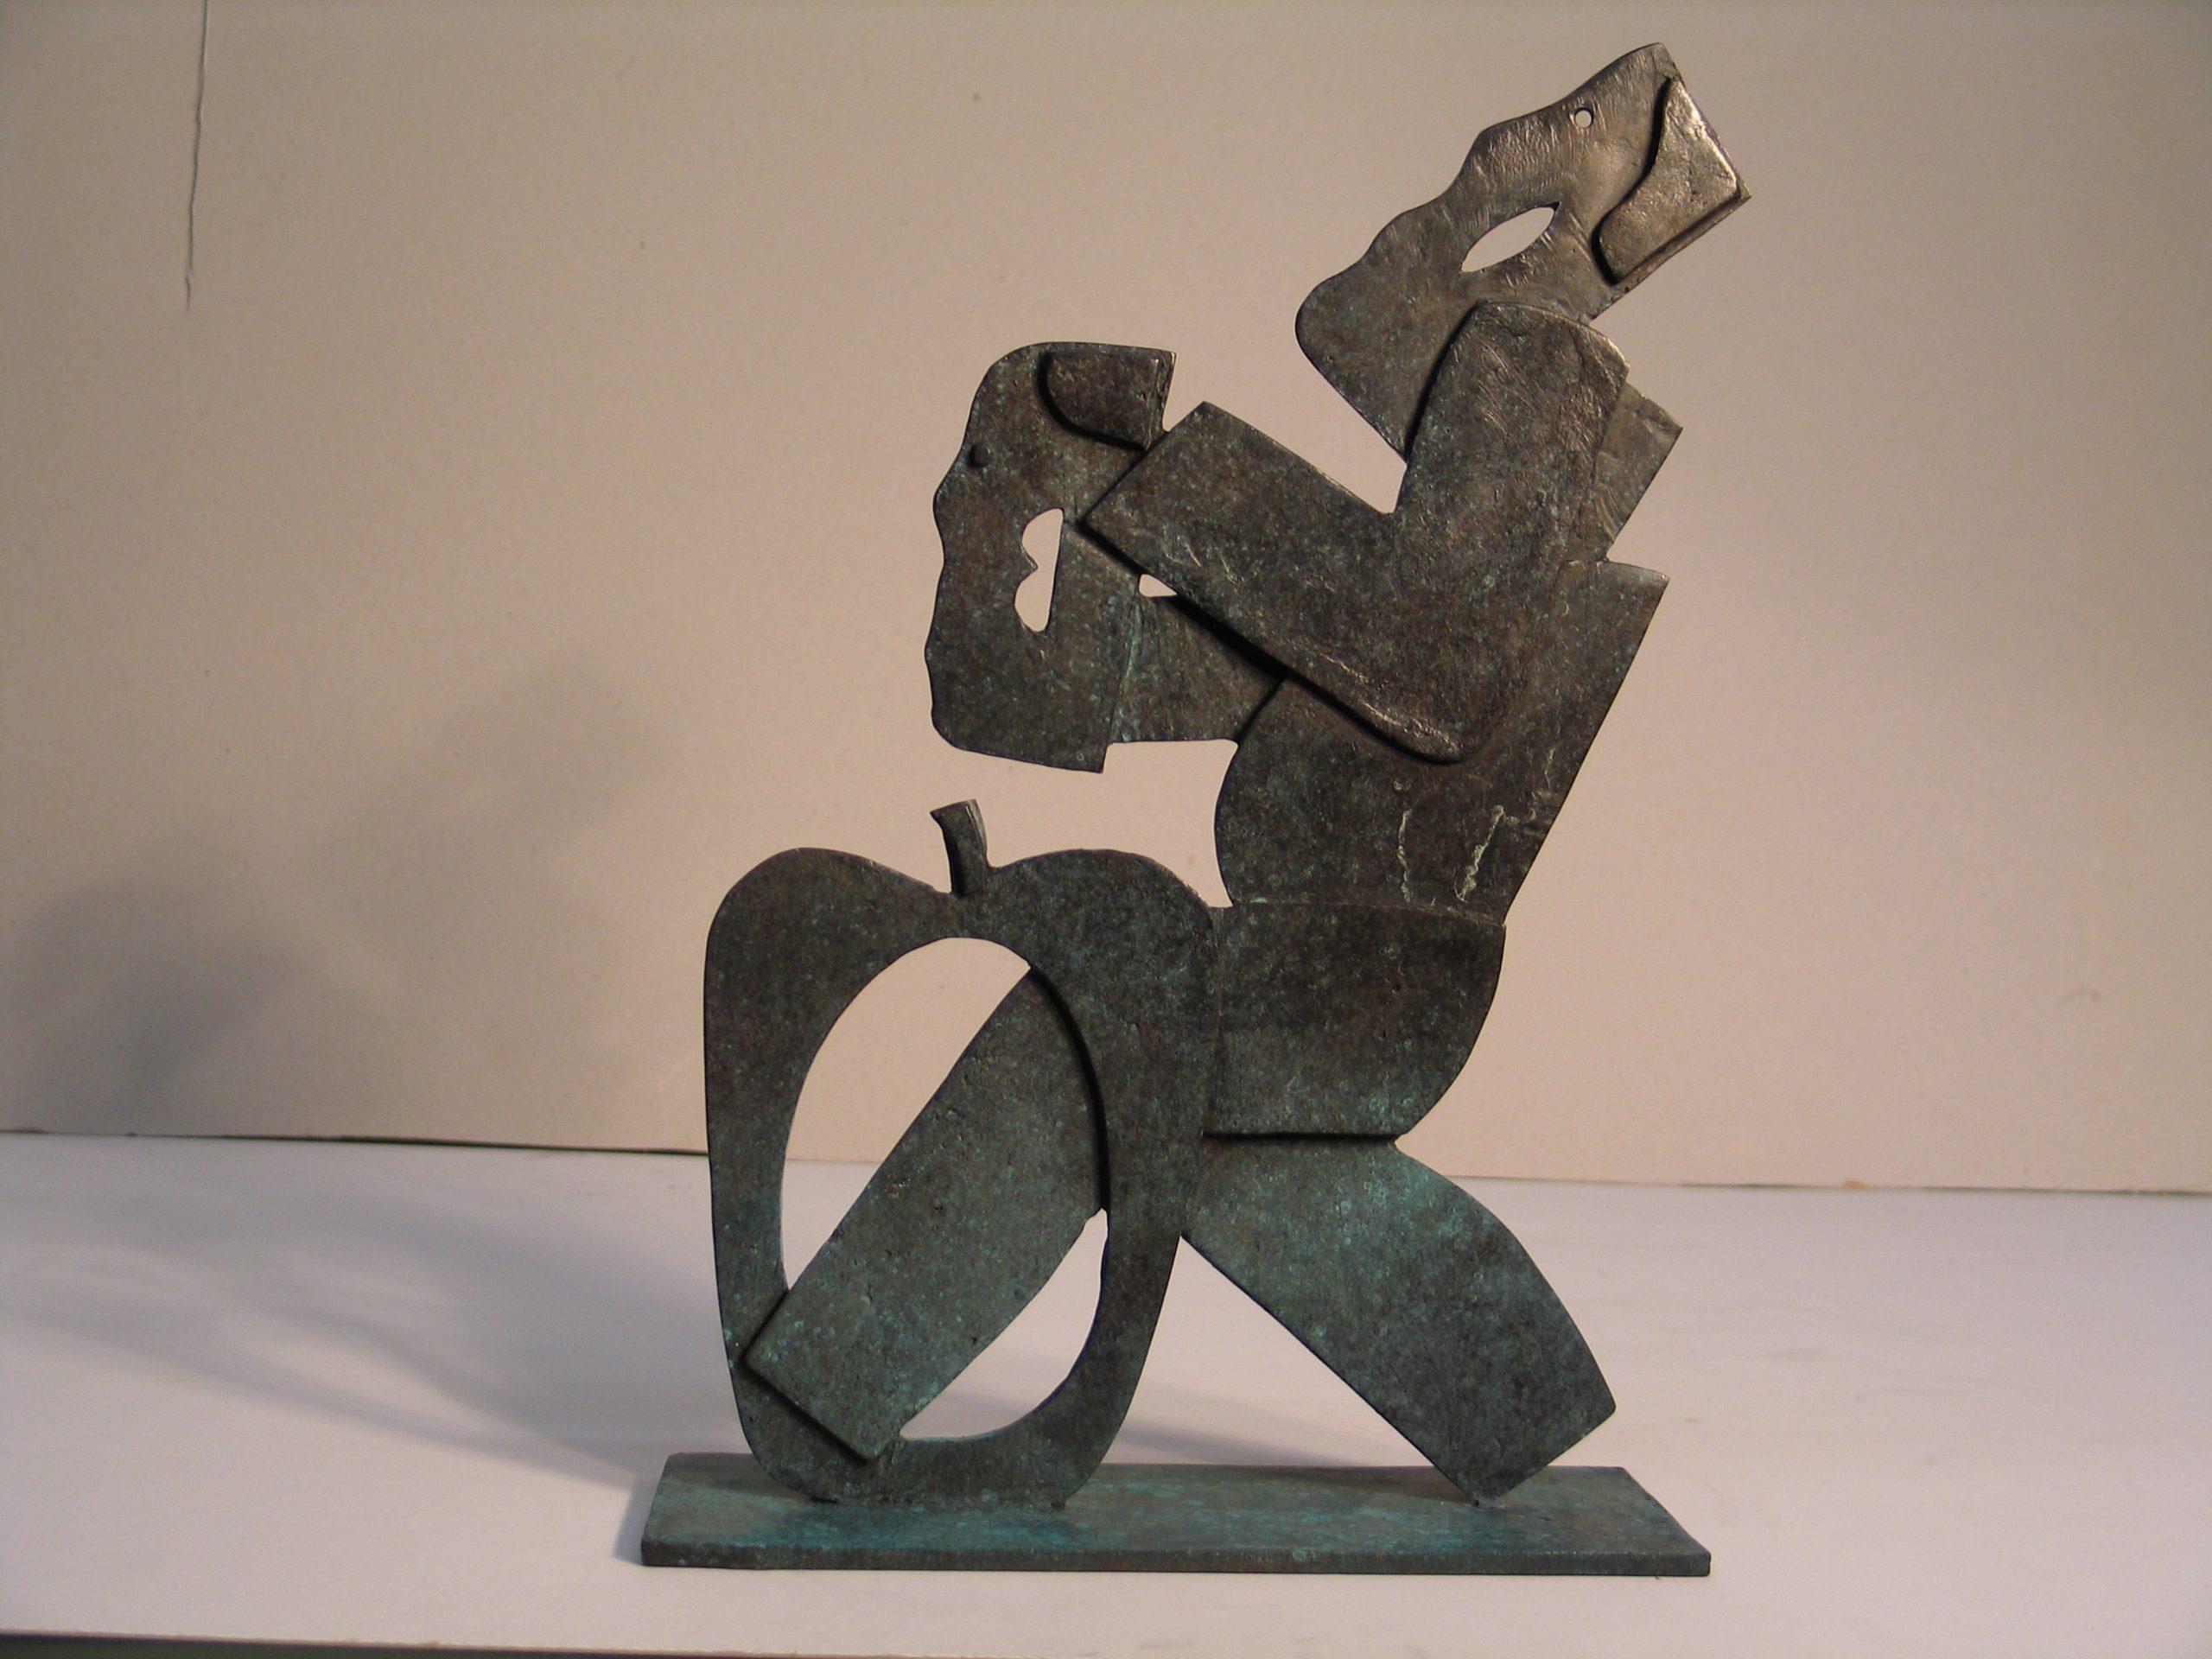 Voetsstaps door de appel - Rein Dool, 40 cm hoog. brons 2005